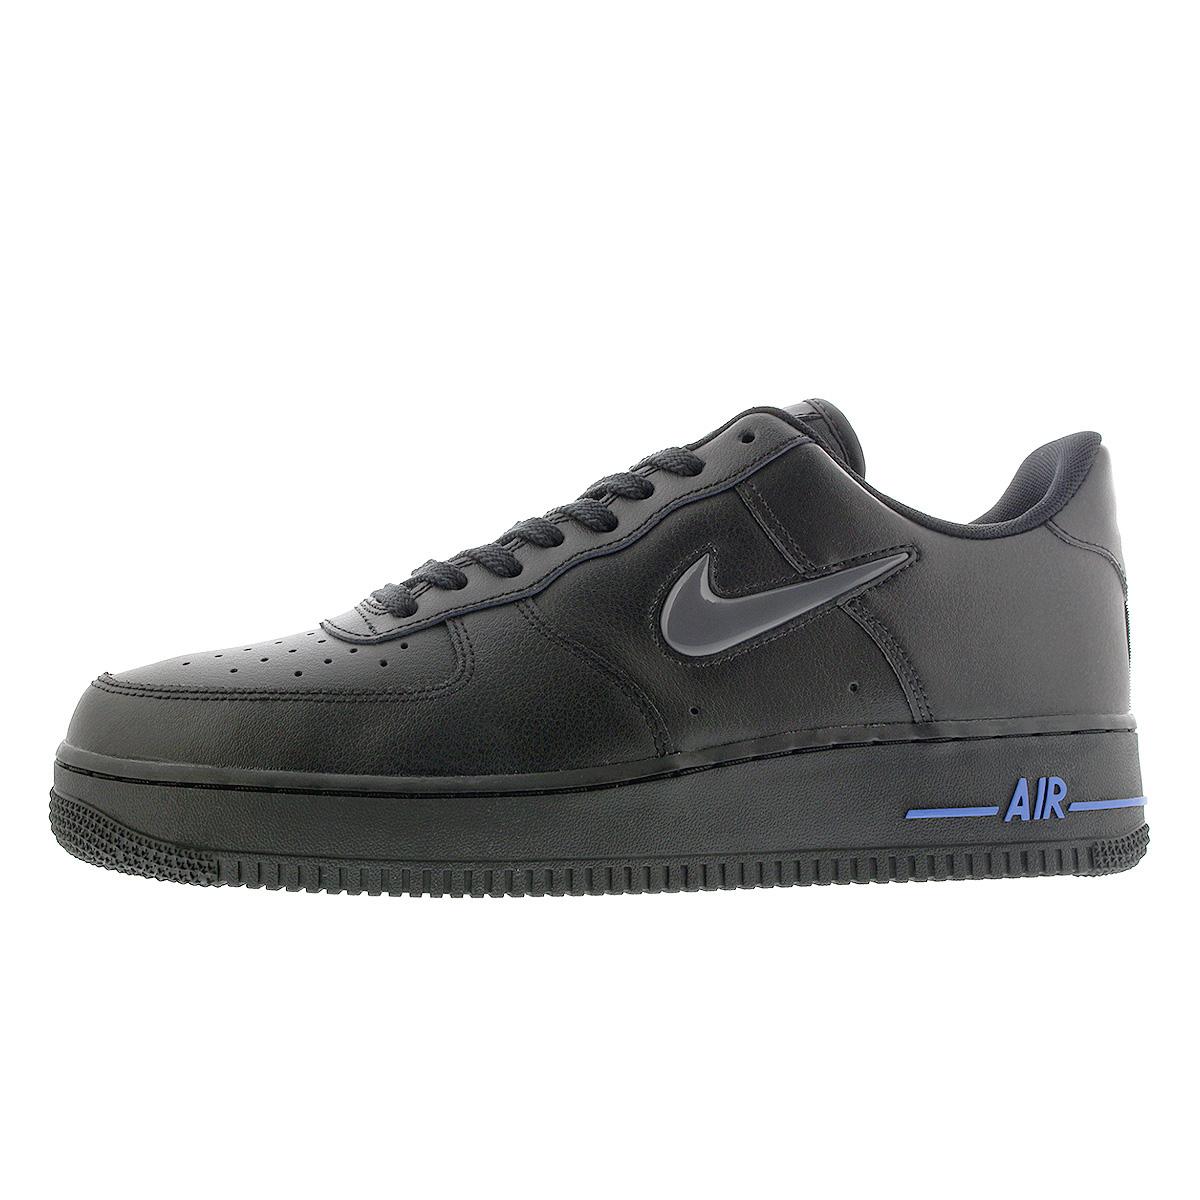 NIKE AIR FORCE 1 JEWEL Nike air force 1 jewel BLACKWOLF GREYGAME ROYAL ct3438 002